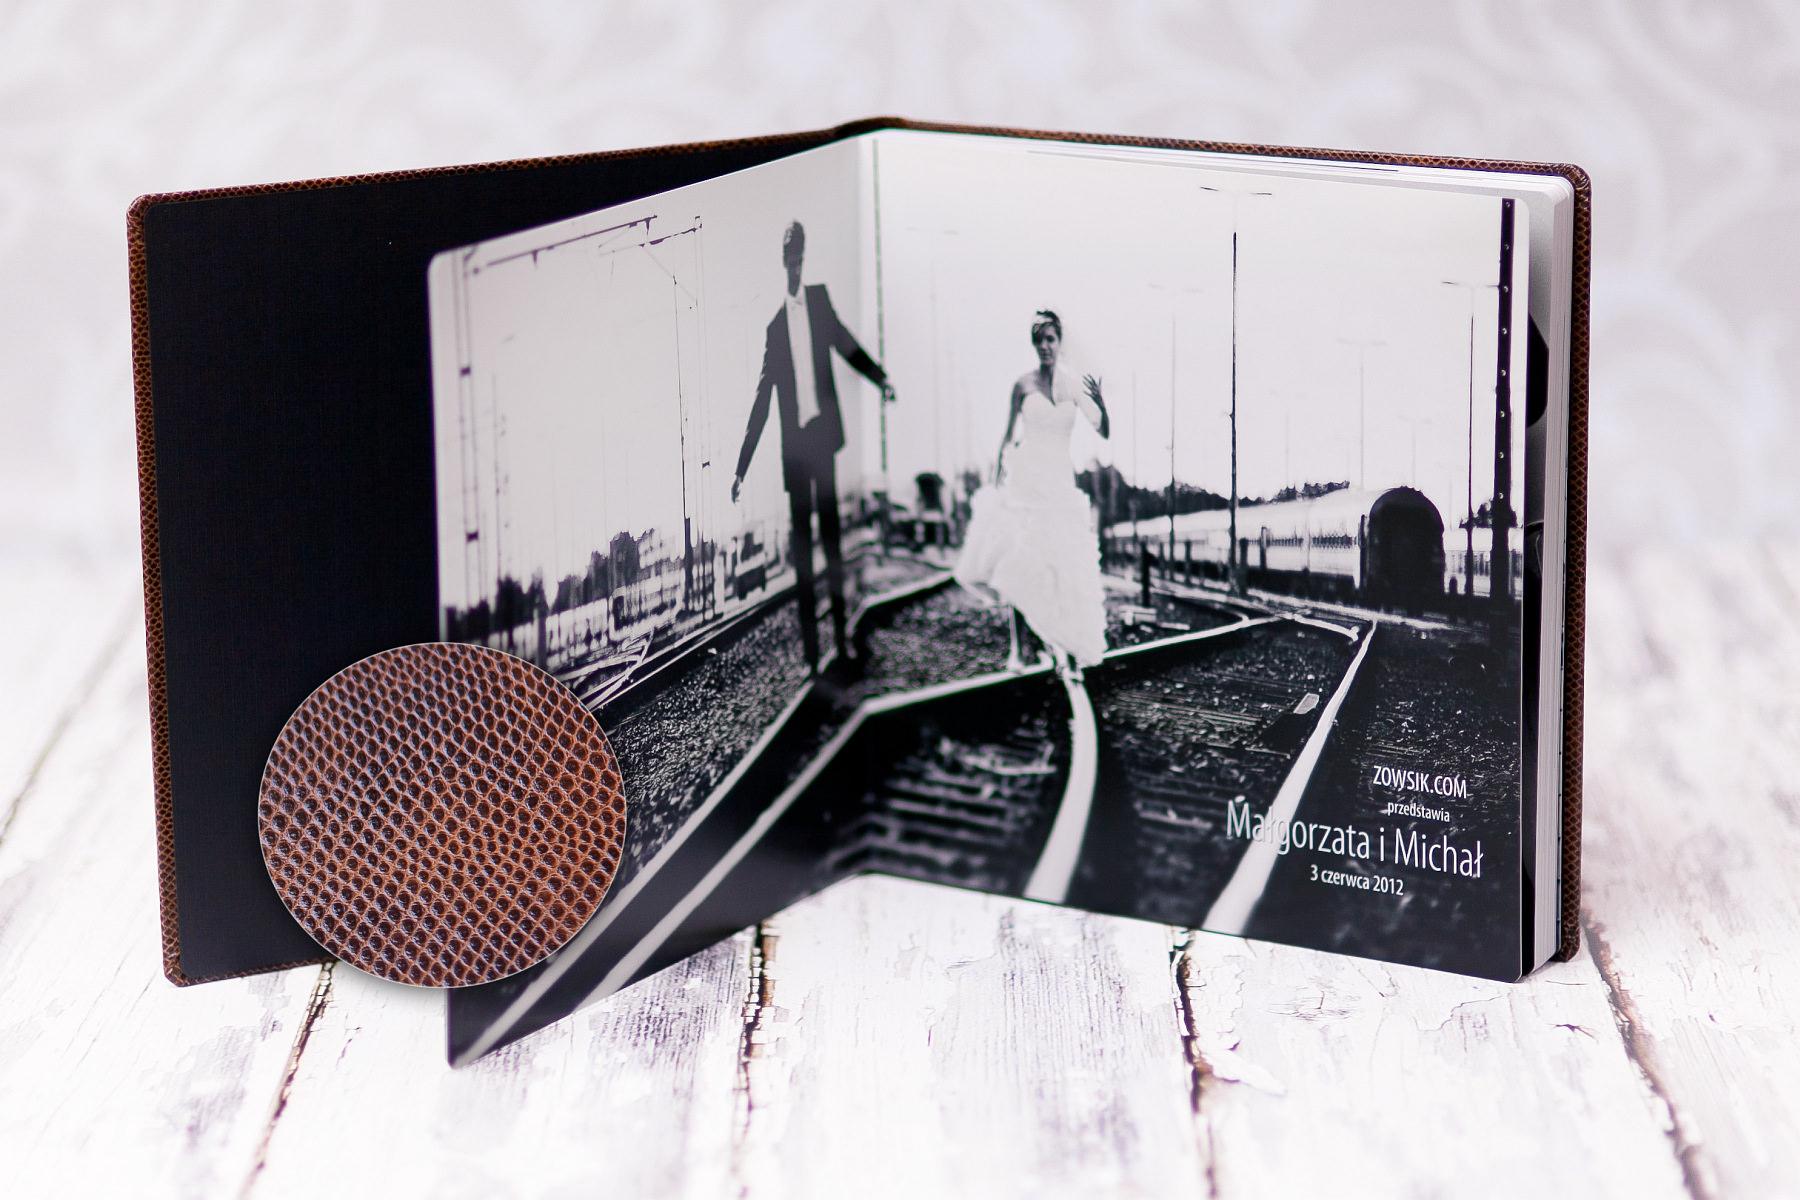 Ekskluzywny fotoalbum (30x30cm, okładka ekoskóra) + projekt. Etui na dvd. Małgorzata & Michał.